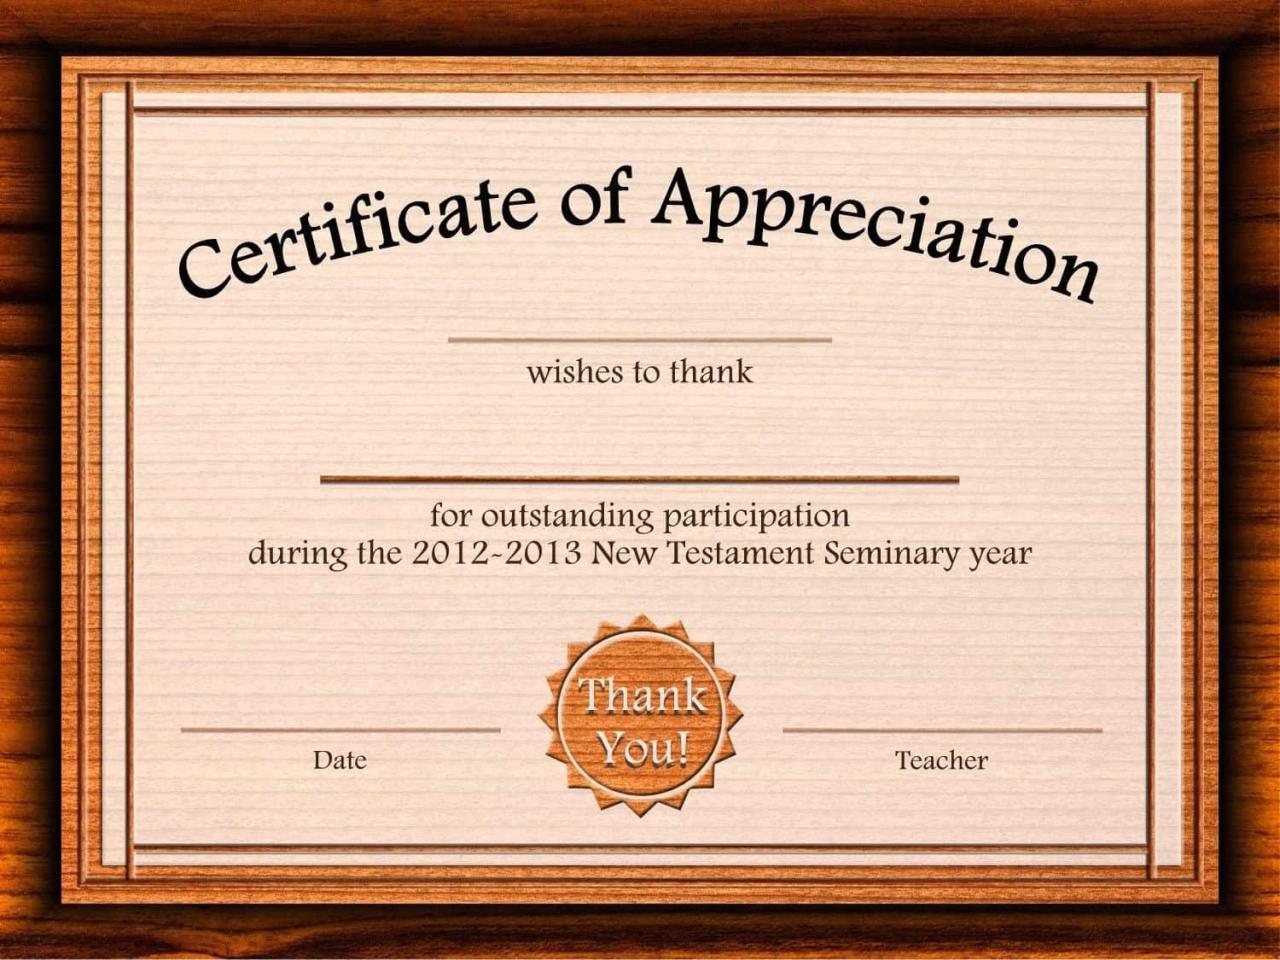 بالصور ايميل شكر بالانجليزي , طريقة كتابة رسالة شكر الكترونية بالانجليزية 12863 9